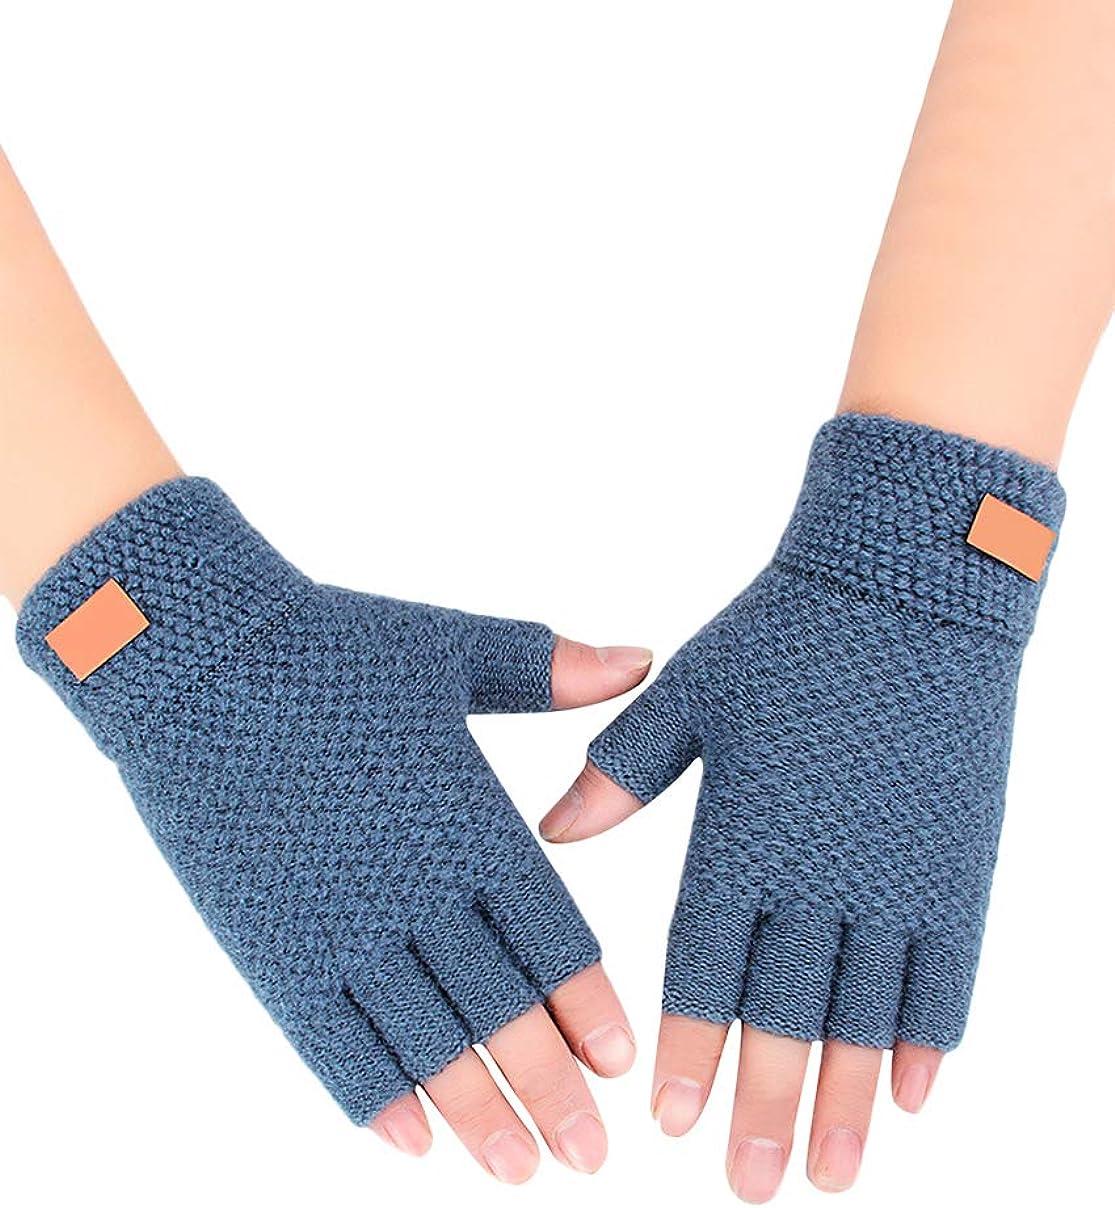 TYQQU Men's Half Finger Gloves Stretchy Winter Warmer Knitted Mittens Fingerless Gloves